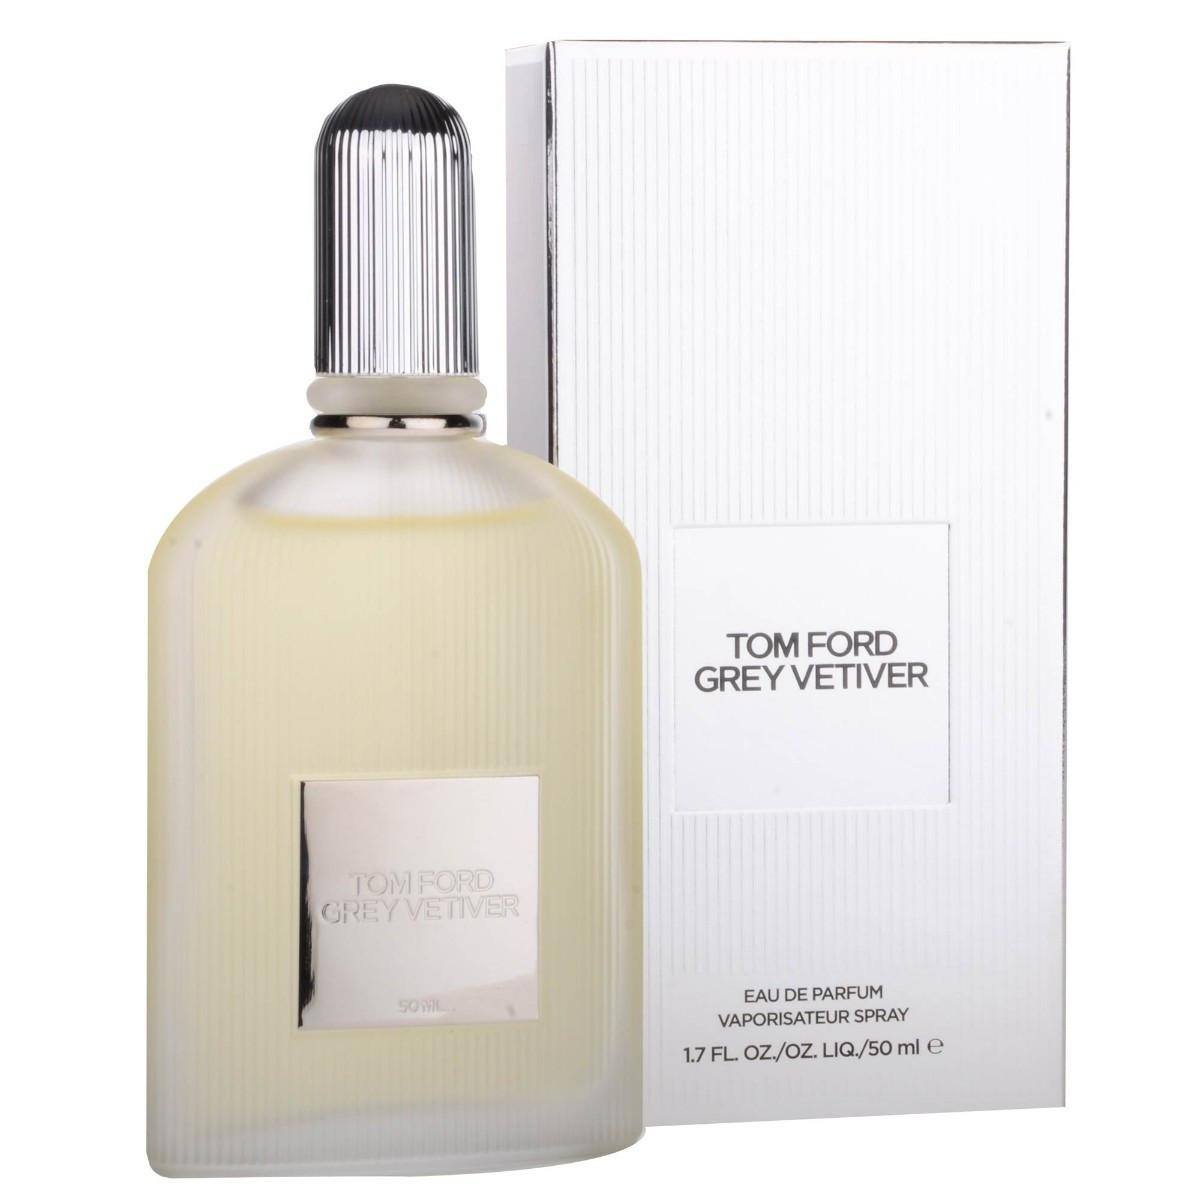 Tom Ford Grey Vetiver Парфюмированная вода 100 ml ( Том Форд Грей Ветивер )